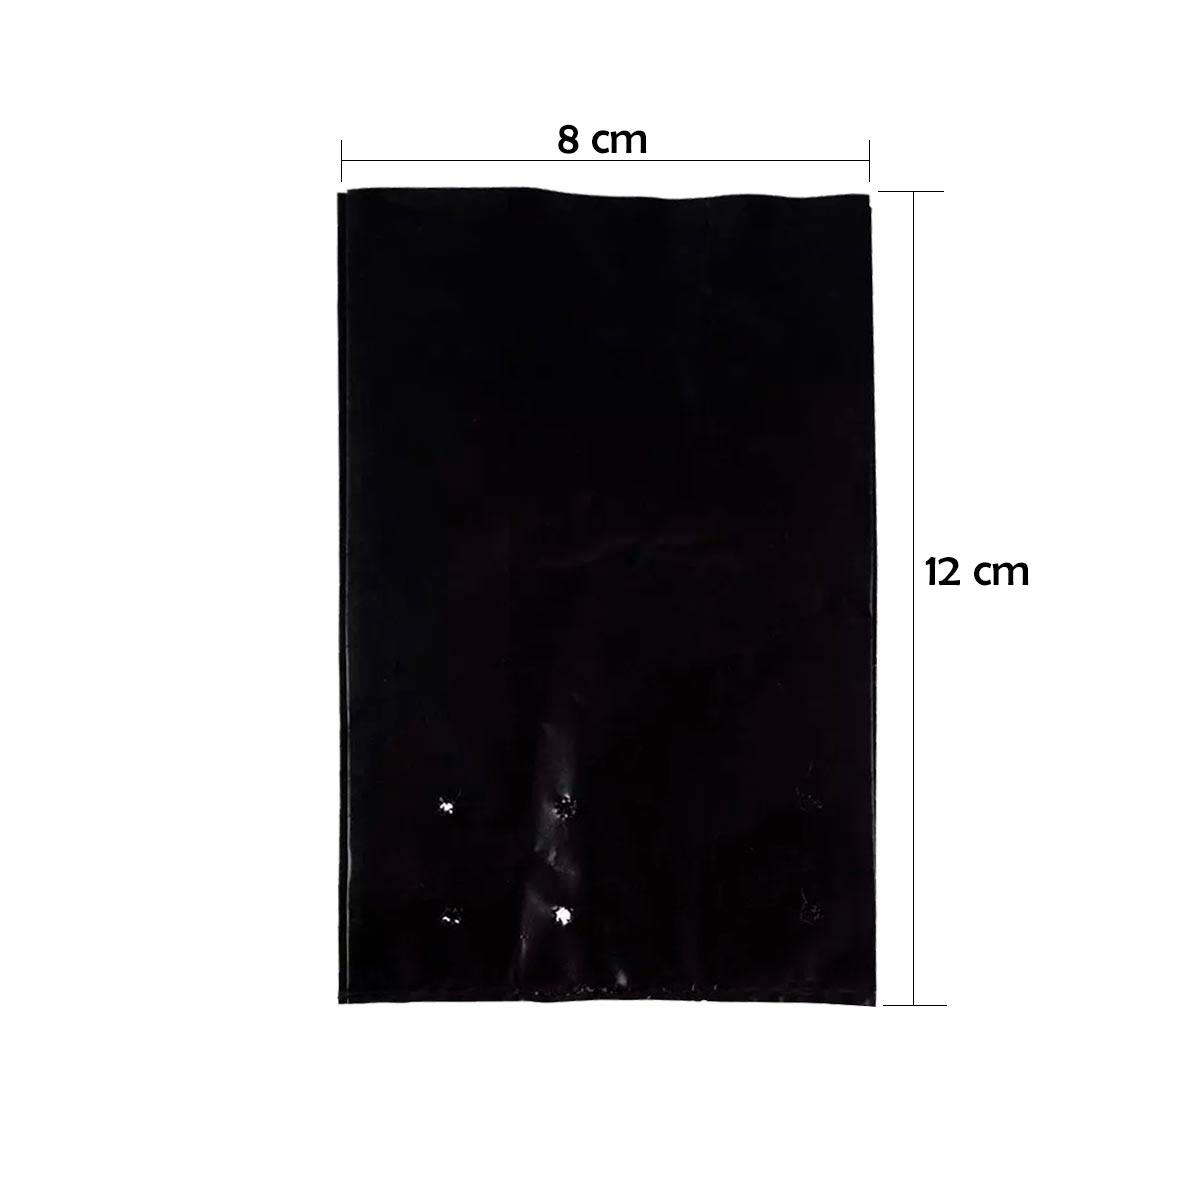 SACOLA PARA MUDAS 8x12 cm - 1000 UN